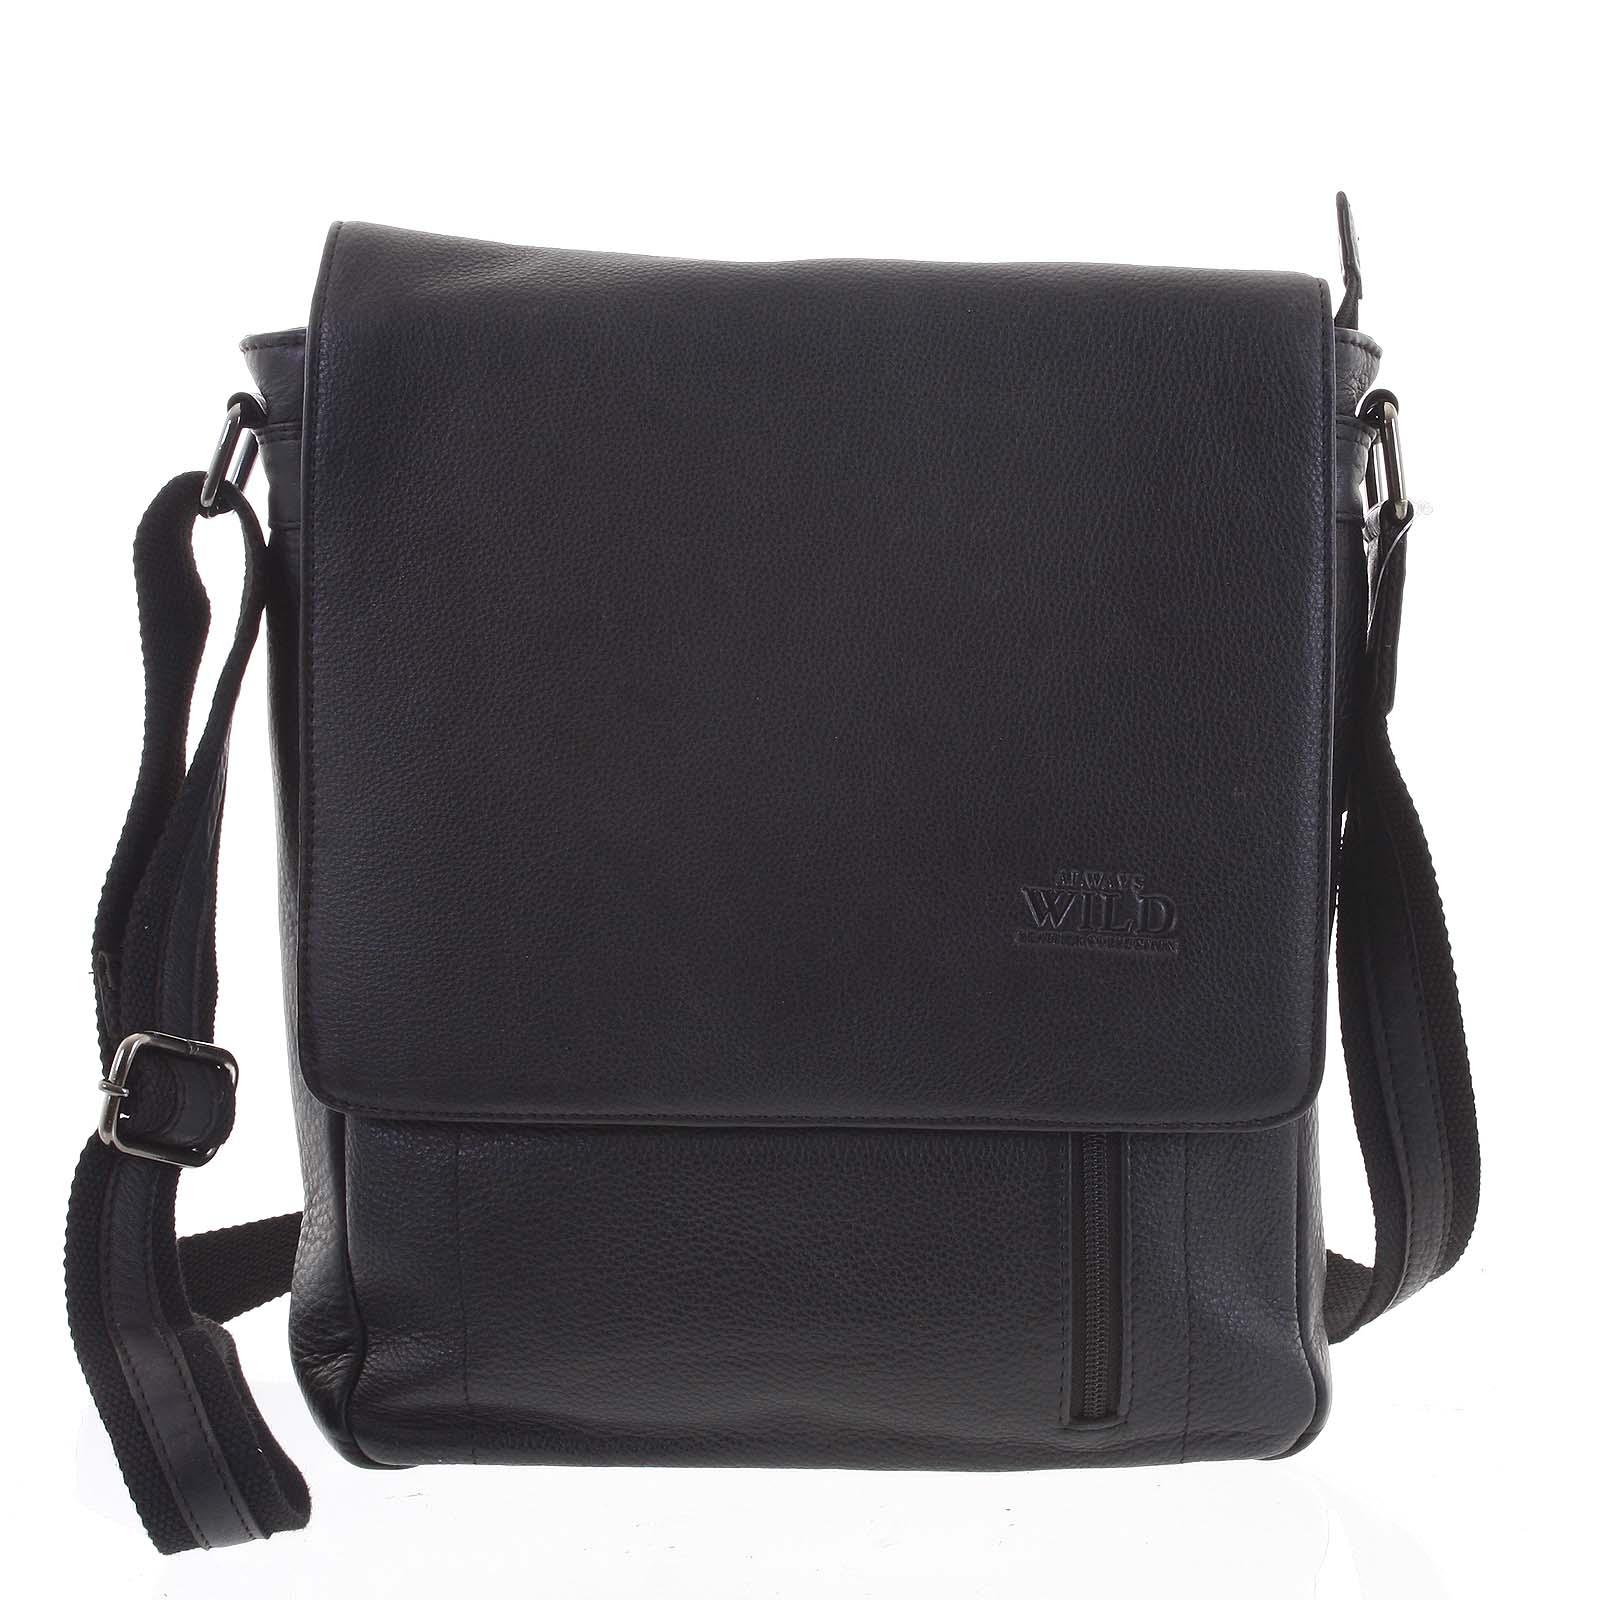 Černá elegantní pánská kožená taška - WILD Worn